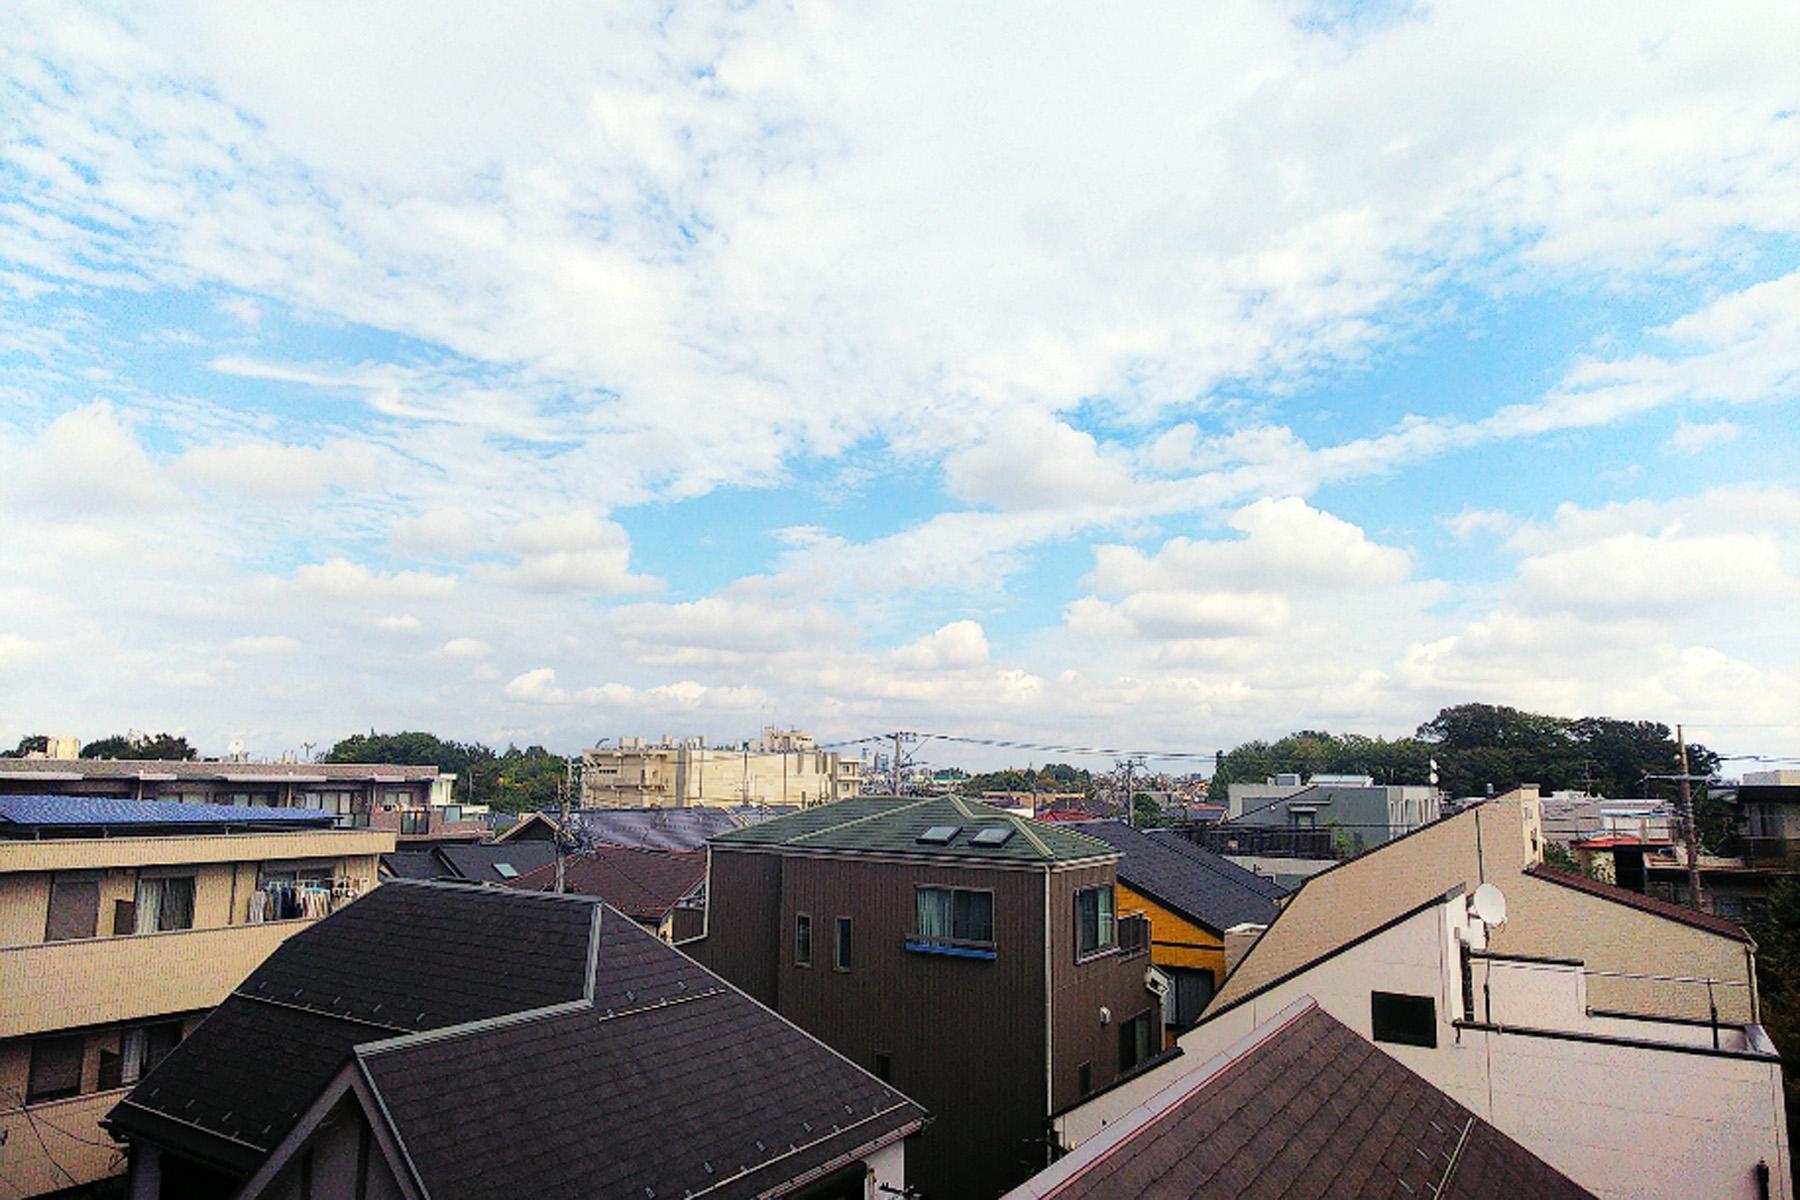 3階建て以上建たない、第一種低層エリアが広がる眺望 イメージ